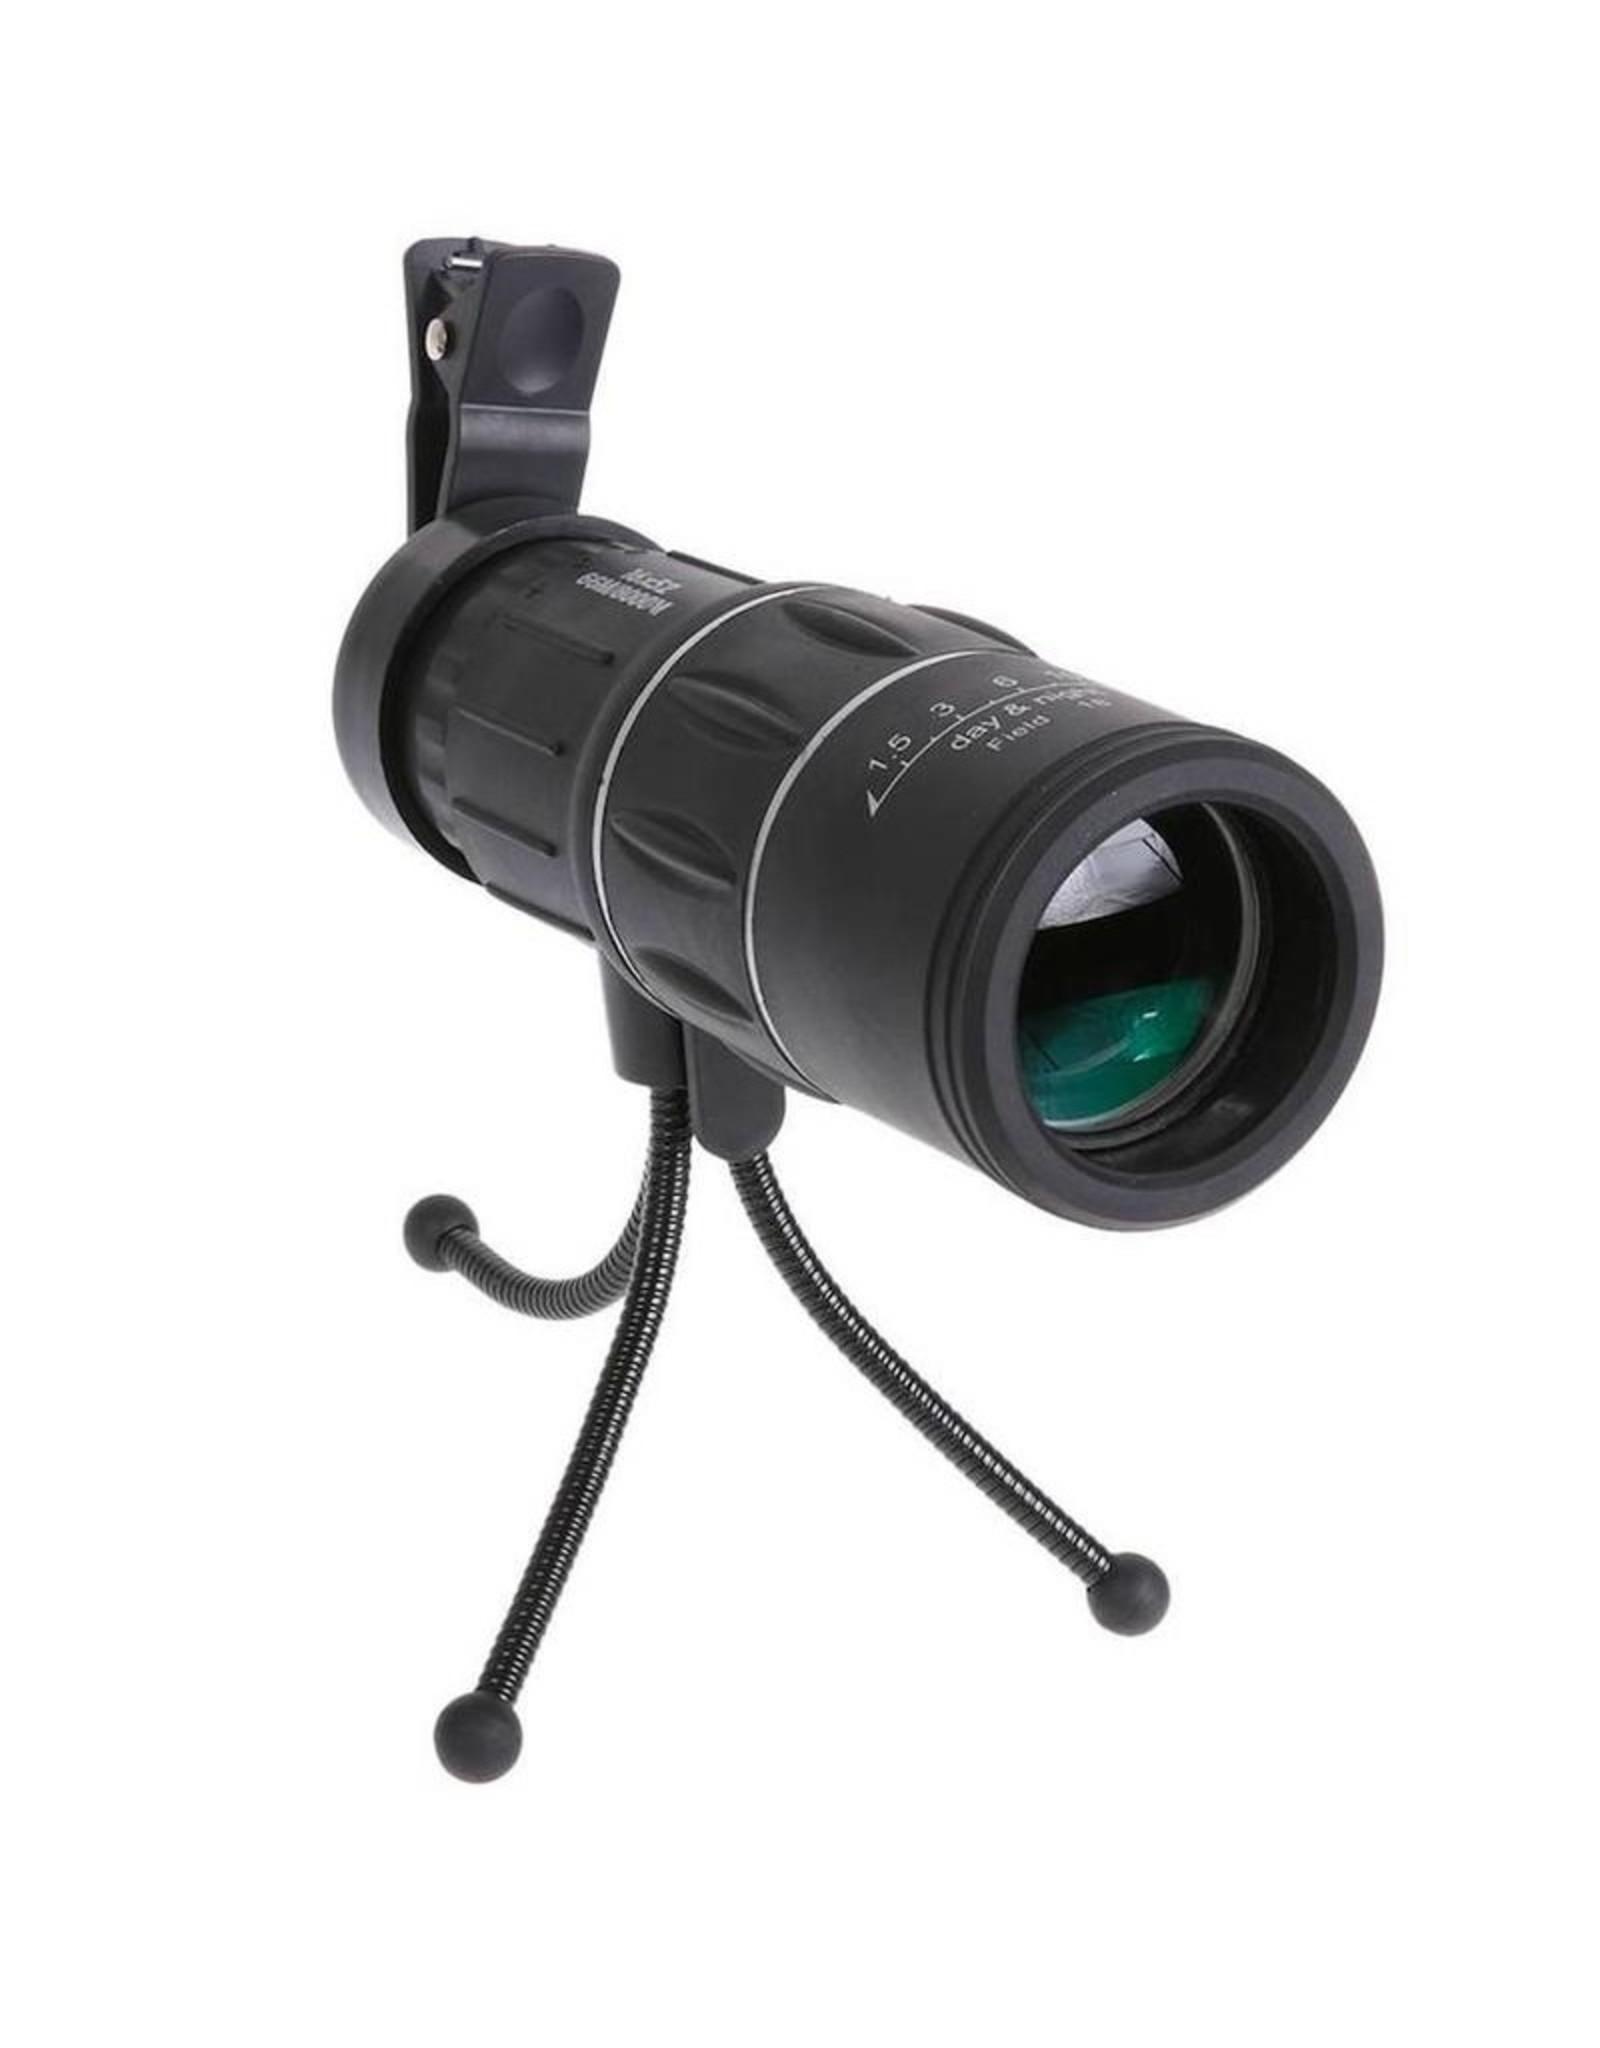 Parya Official Telescoop - Voor de telefoon